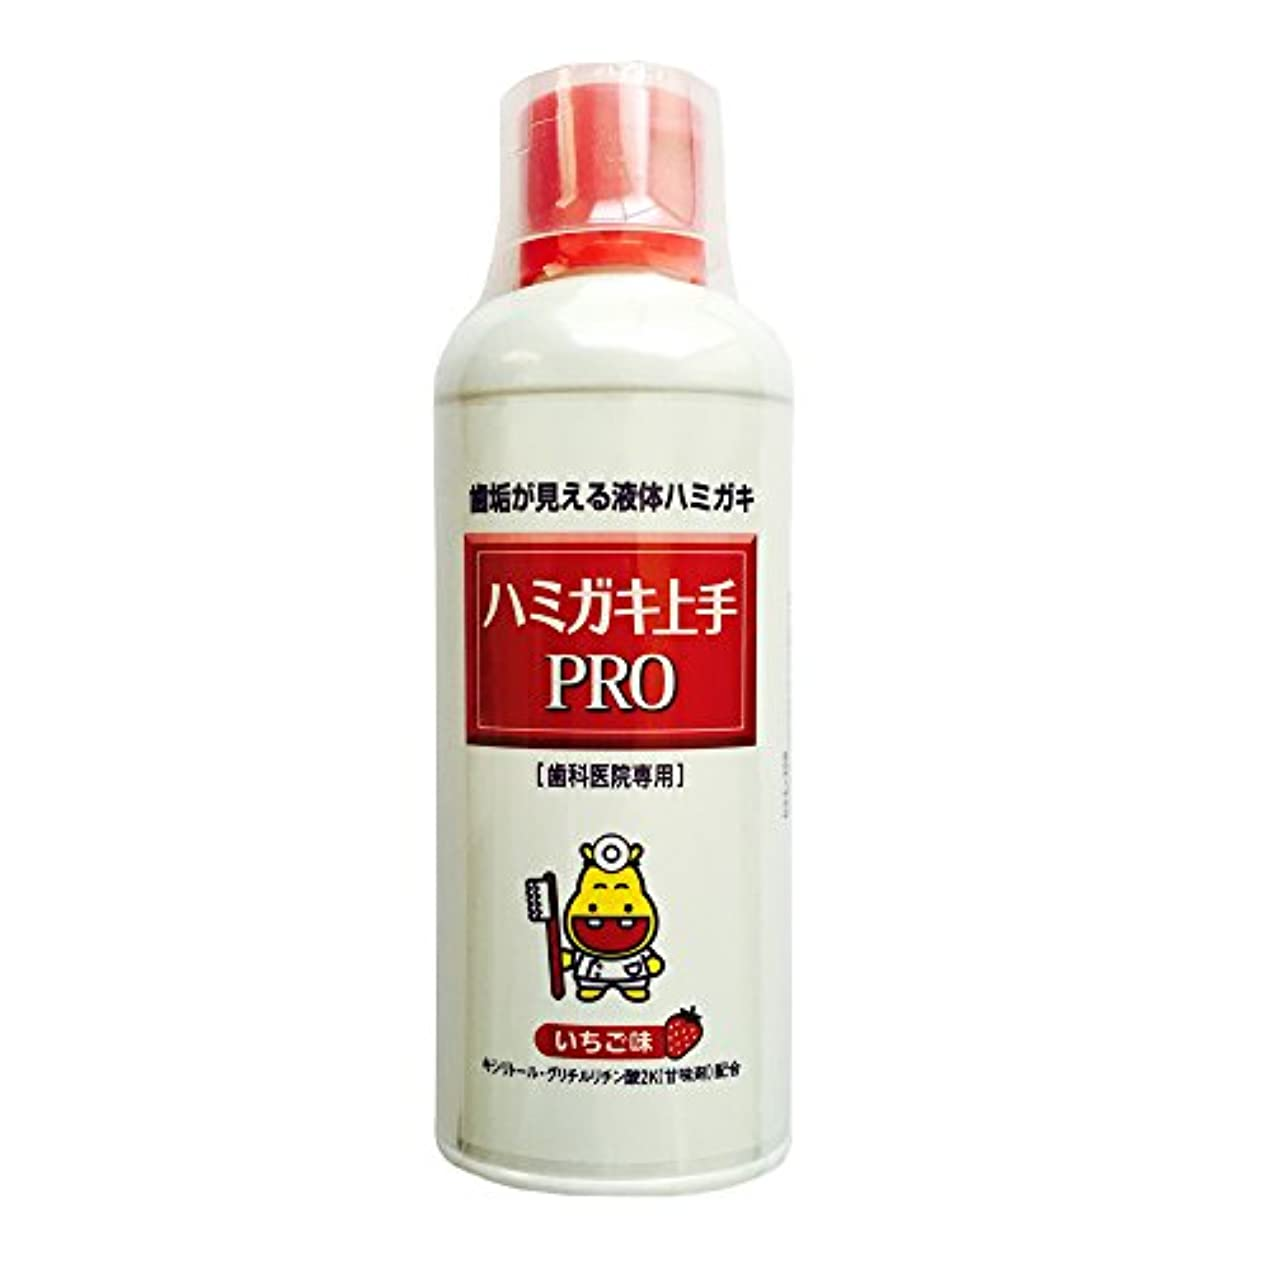 理論的プランター玉松風 ハミガキ上手PRO いちご味 180ml 1本